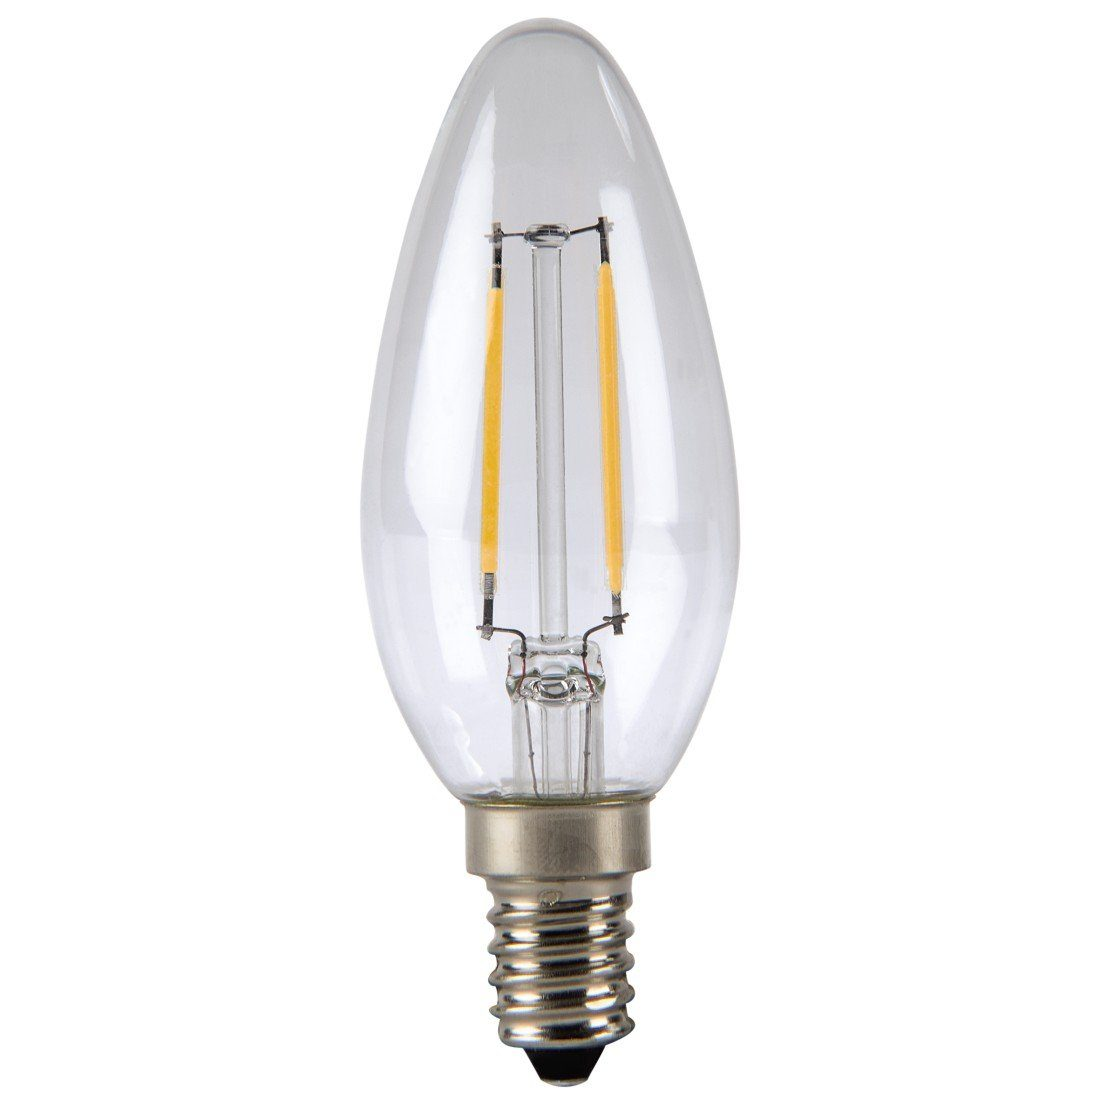 Xavax LED-Lampe, 2,4W, Kerzenform, Filament, E14, Warmweiß